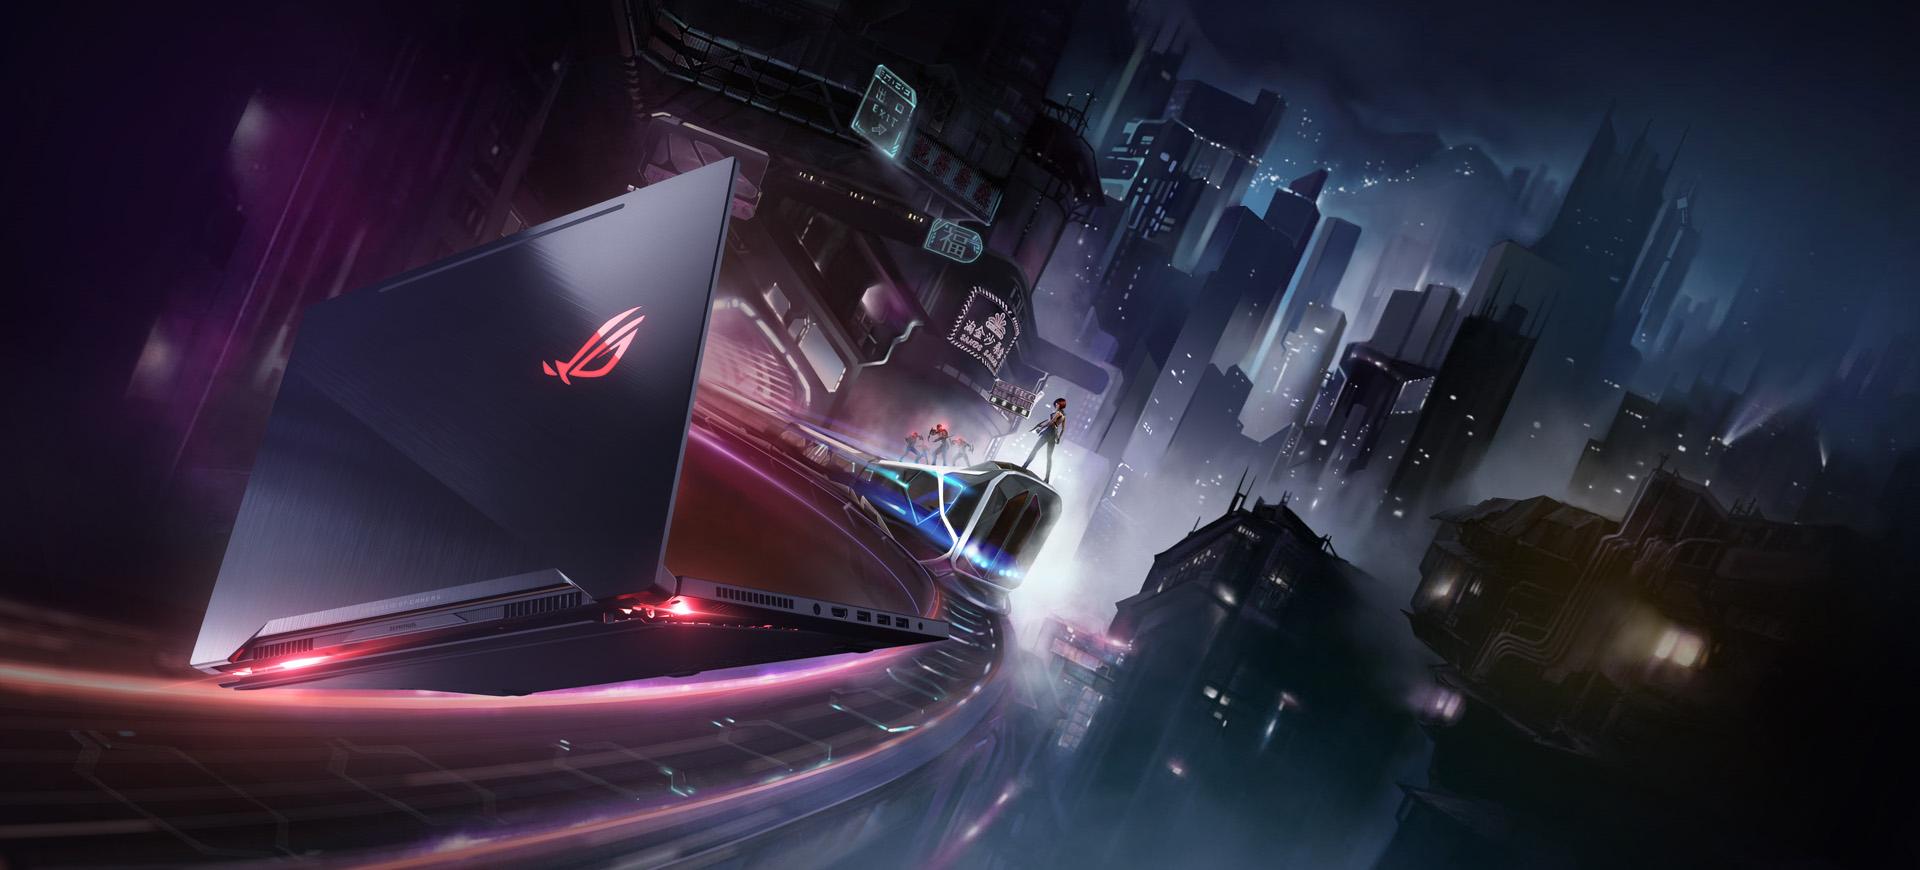 Ra mắt ROG Zephyrus M GM501 - Laptop chơi game trang bị CPU Coffee Lake và đồ họa GTX 1070 mỏng nhất thế giới! - Tin Gaming Gear